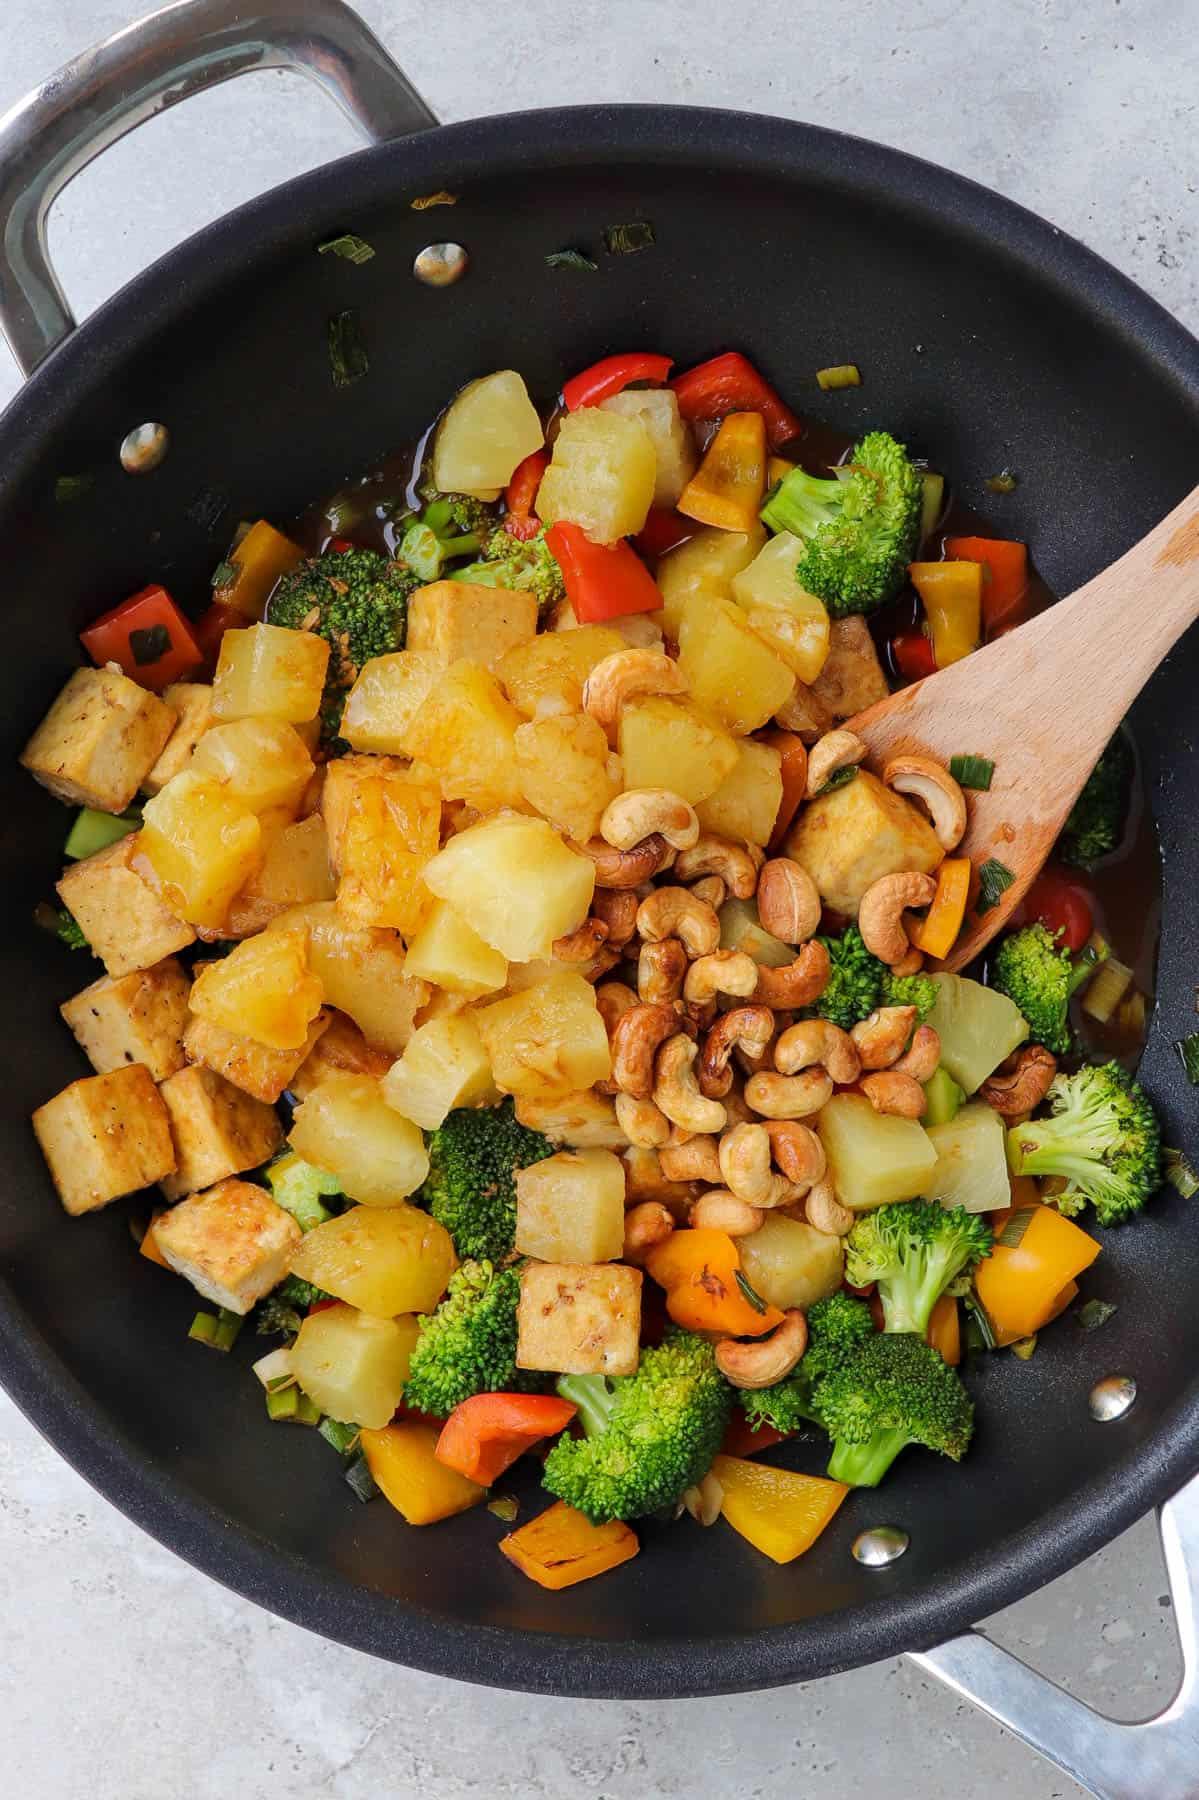 Stir fry in wok.